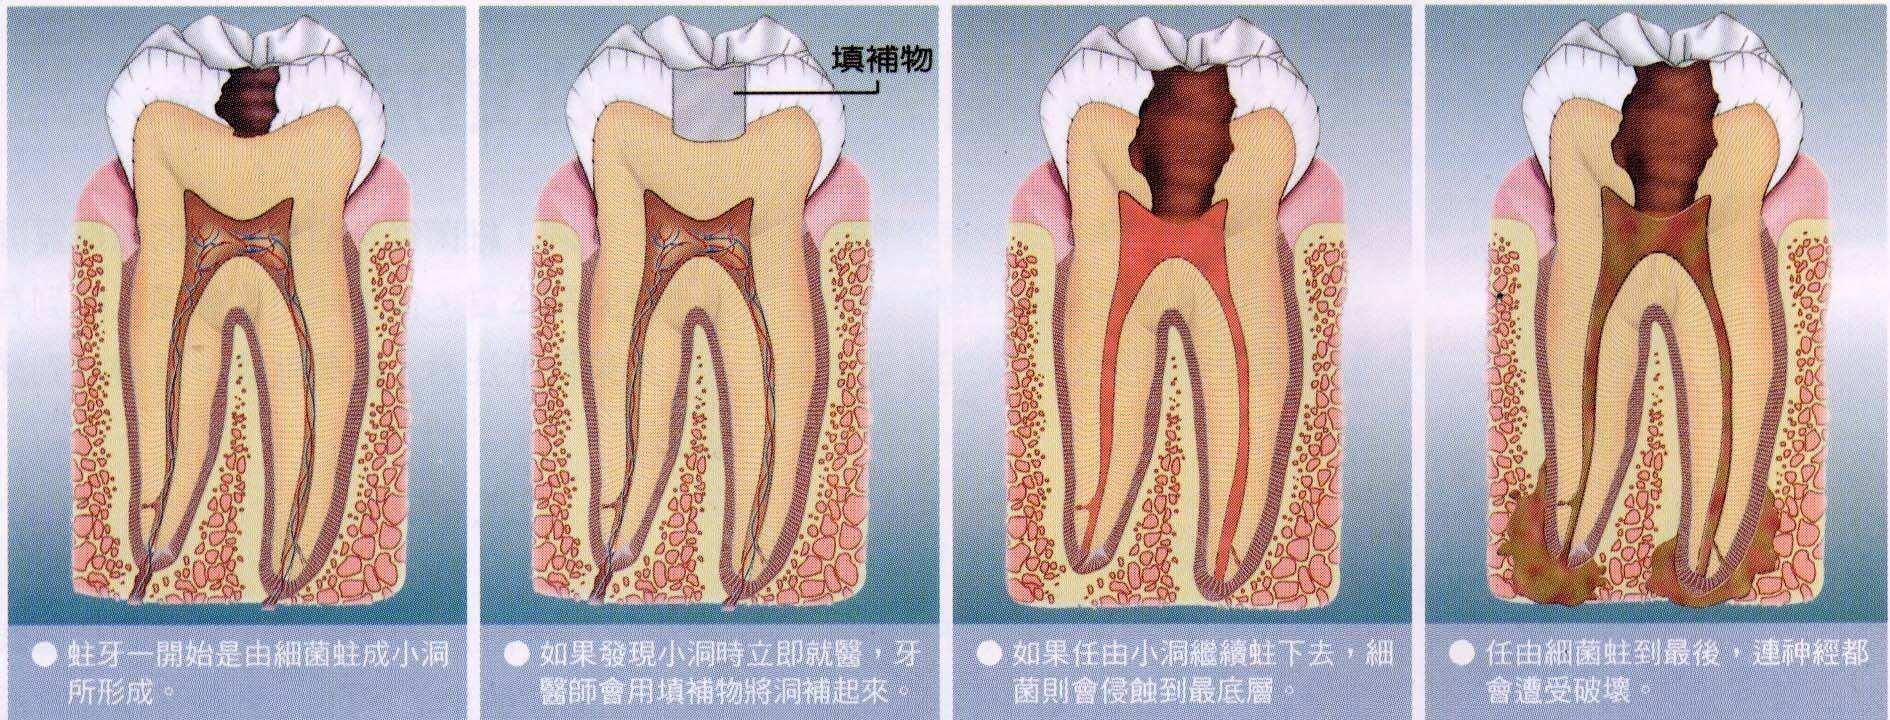 牙髓炎的治疗方法及原则.我们需要补充的知识